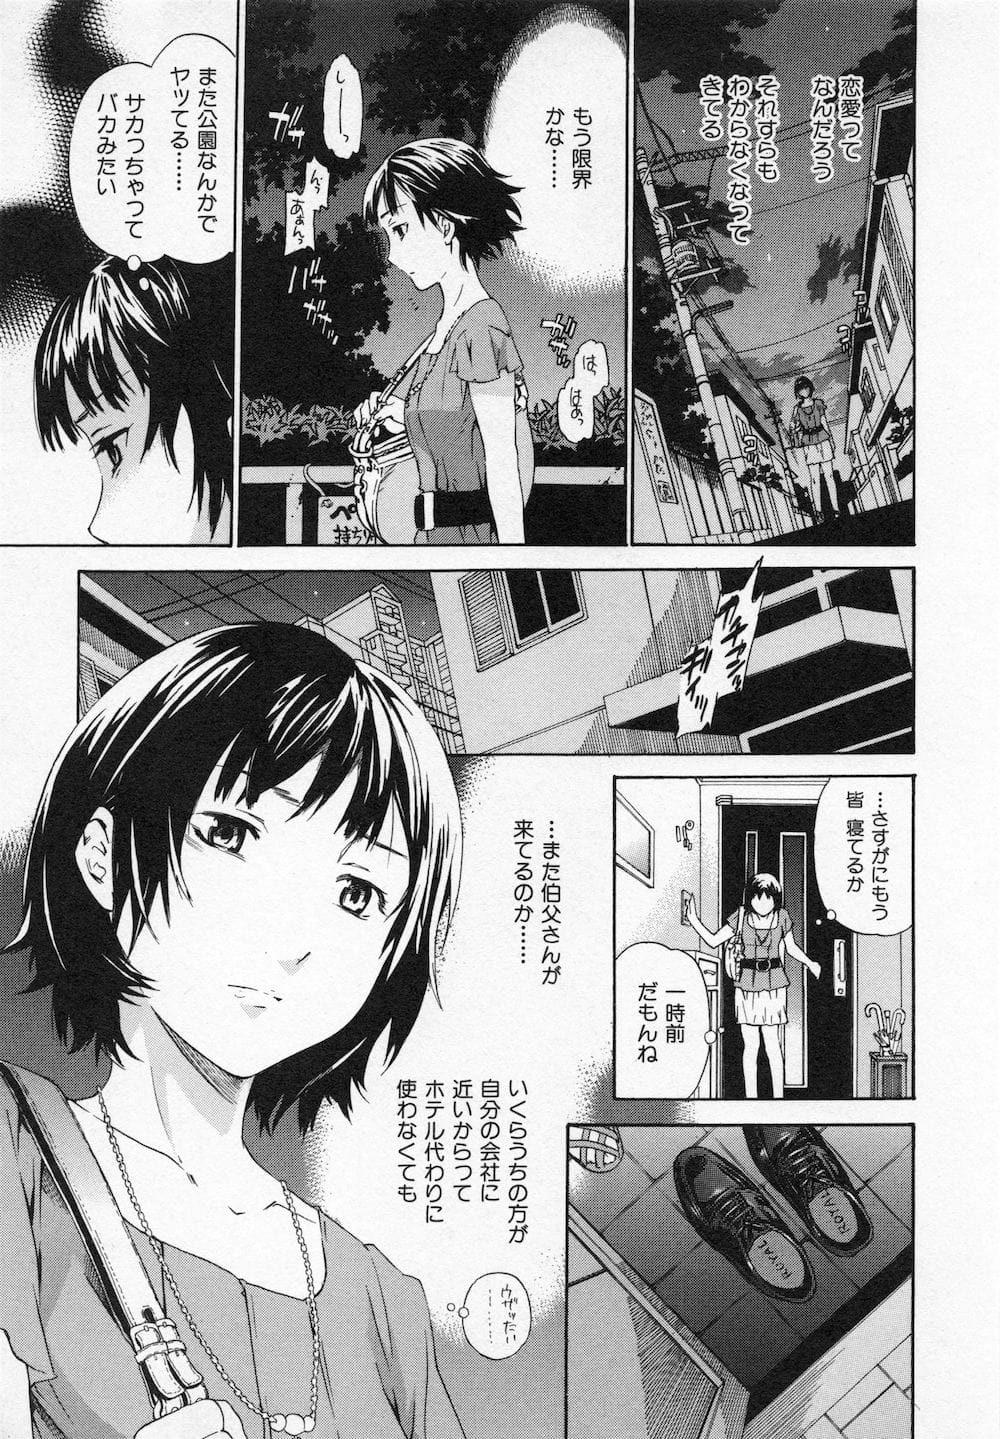 【エロ漫画・同人誌】彼氏とのセックスでは全然感じなかった女が伯父に犯されて淫乱になり夜の公園でセックスwww 003